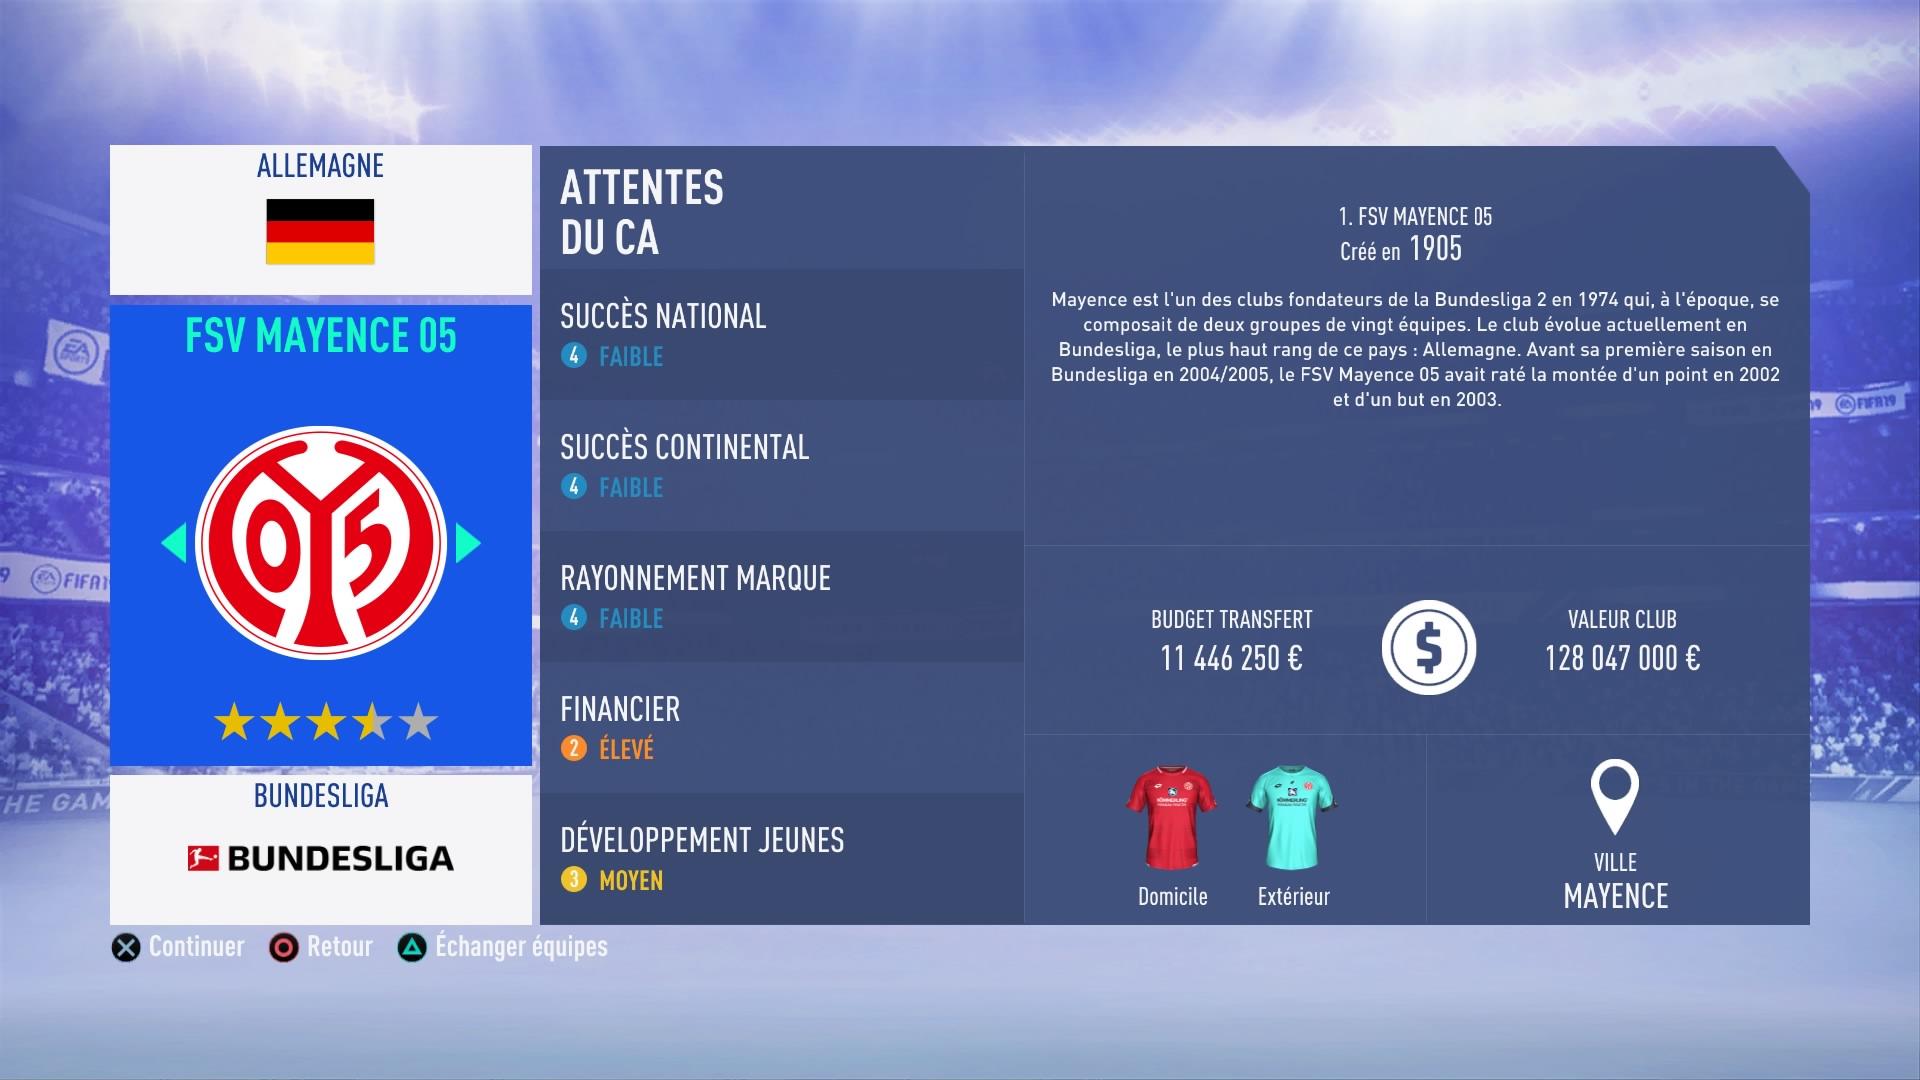 FIFA 19 Mode Carrière : Les jeunes les plus prometteurs, le budget des clubs et bien choisir son équipe 1538386287-315-capture-d-ecran